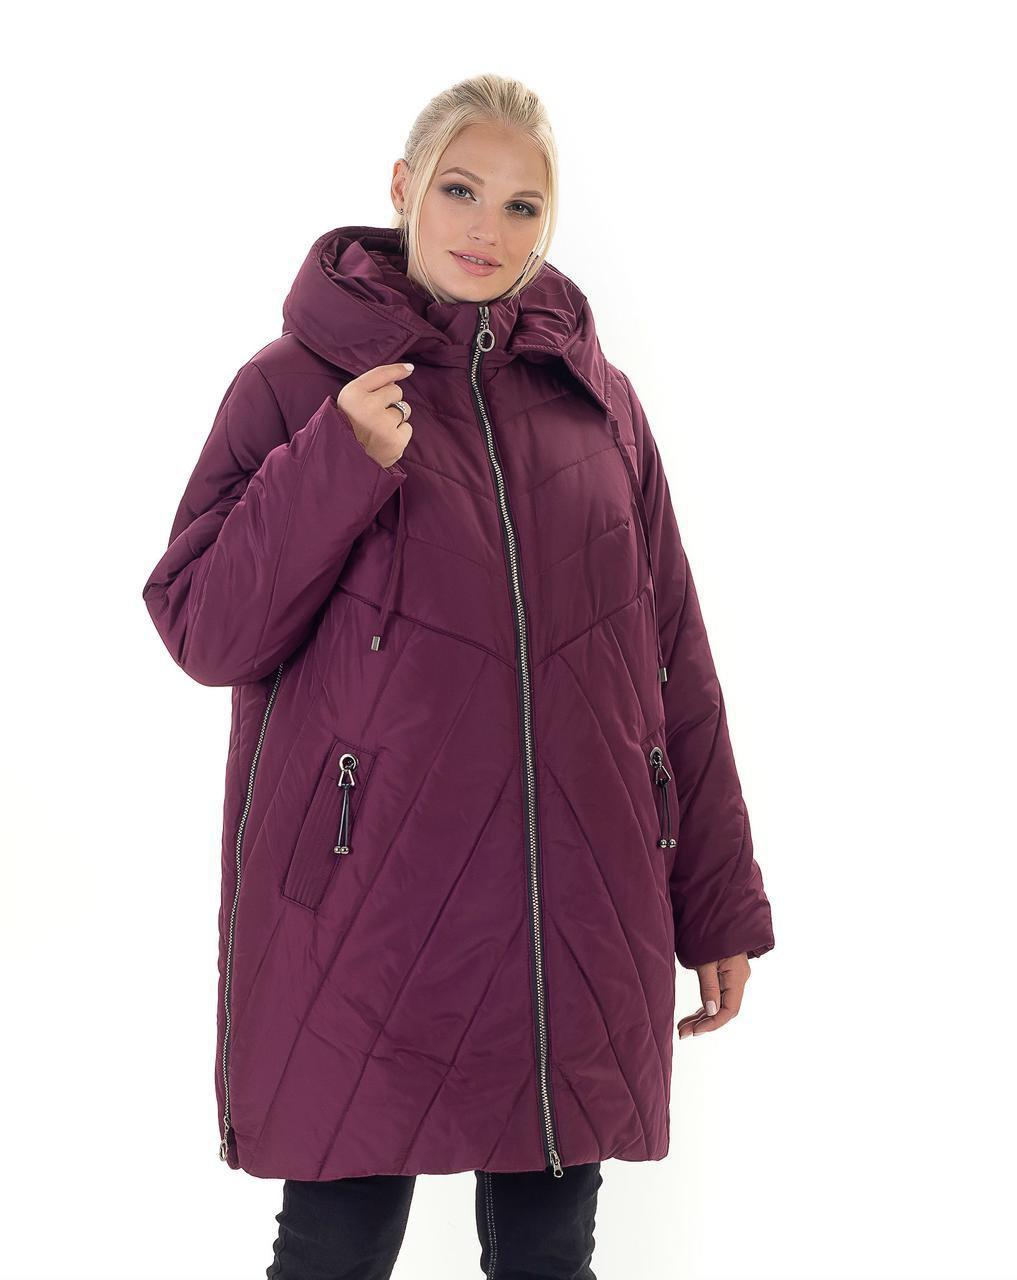 Модная зимняя женская куртка  со змейками по бокам  батал с 56 по 70 размер